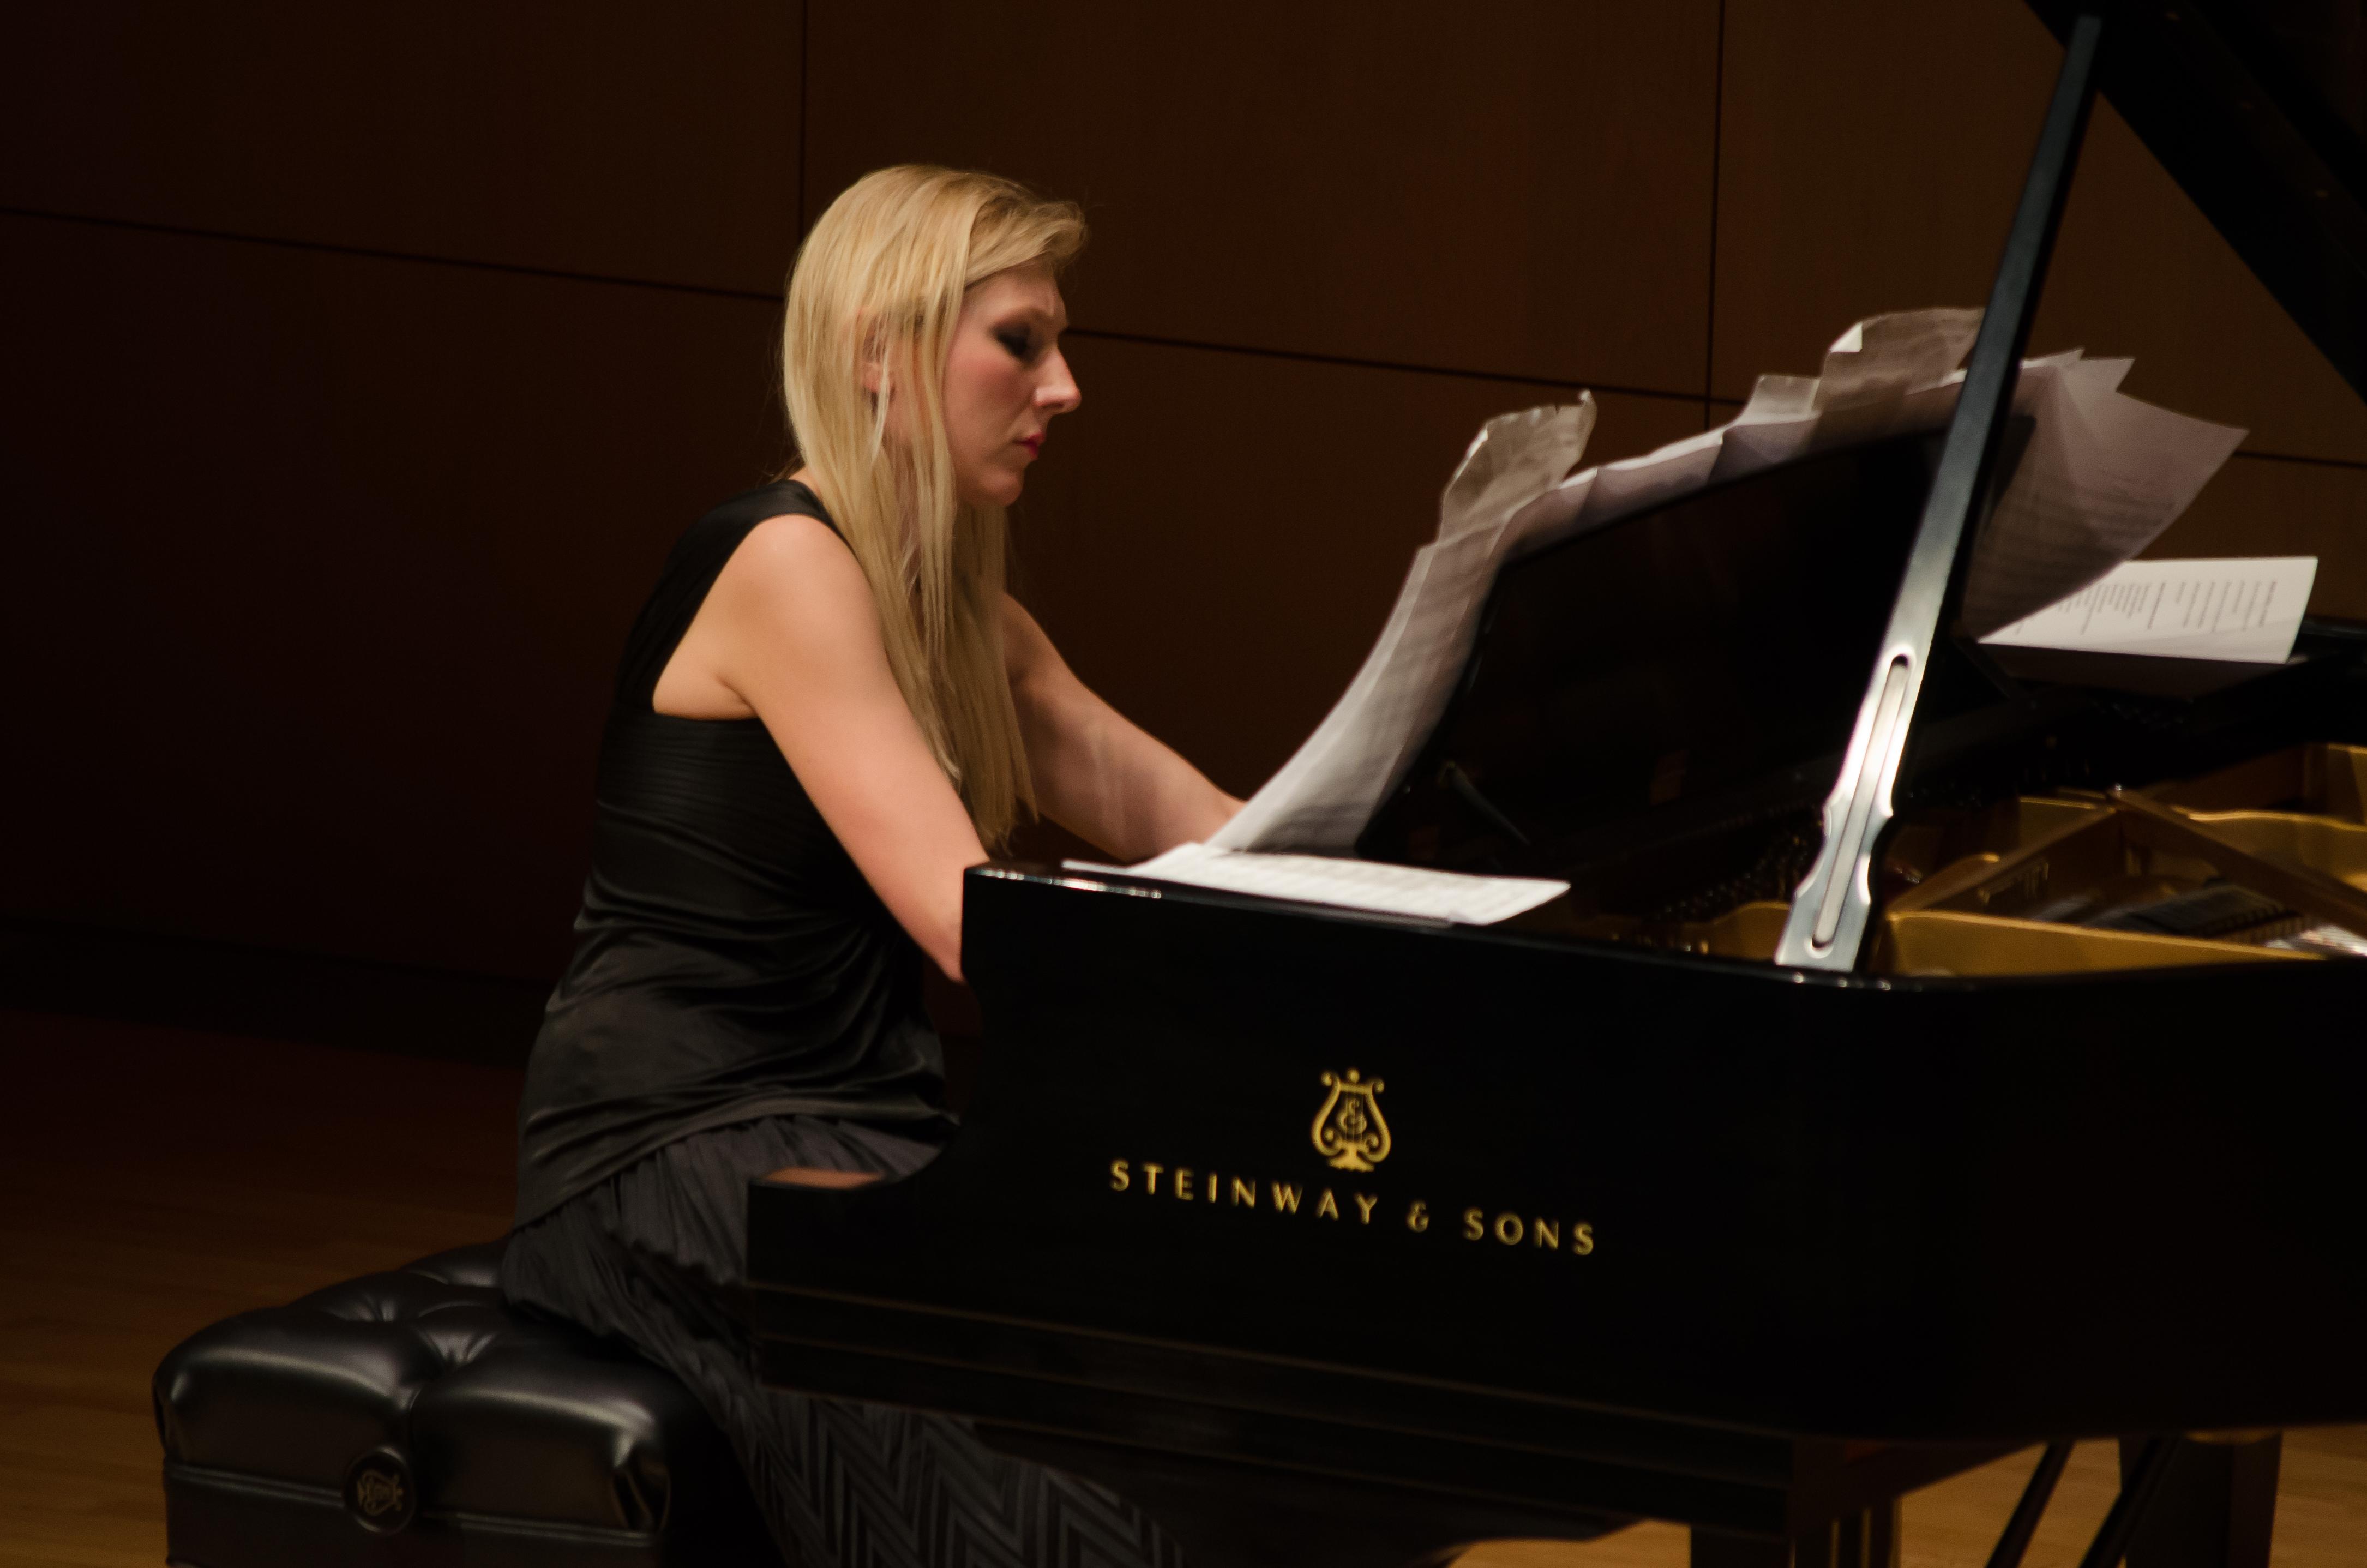 Beata Golec Recital 2015 3.jpg